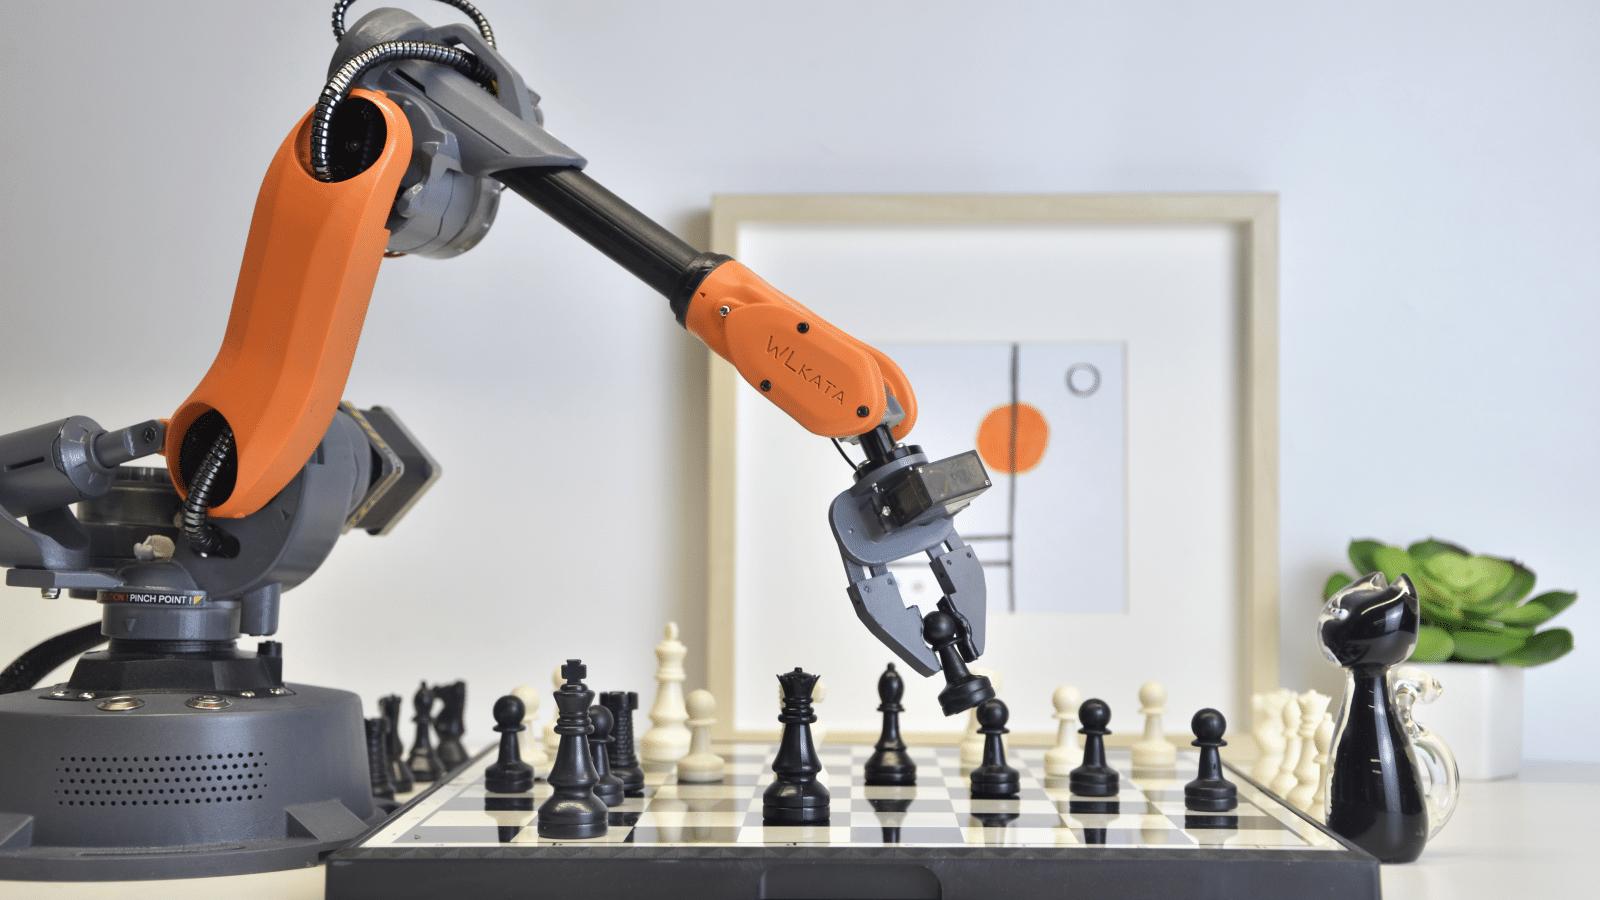 Cánh tay robot này có thể biến máy tính để bàn của bạn thành một dây chuyền sản xuất. 1